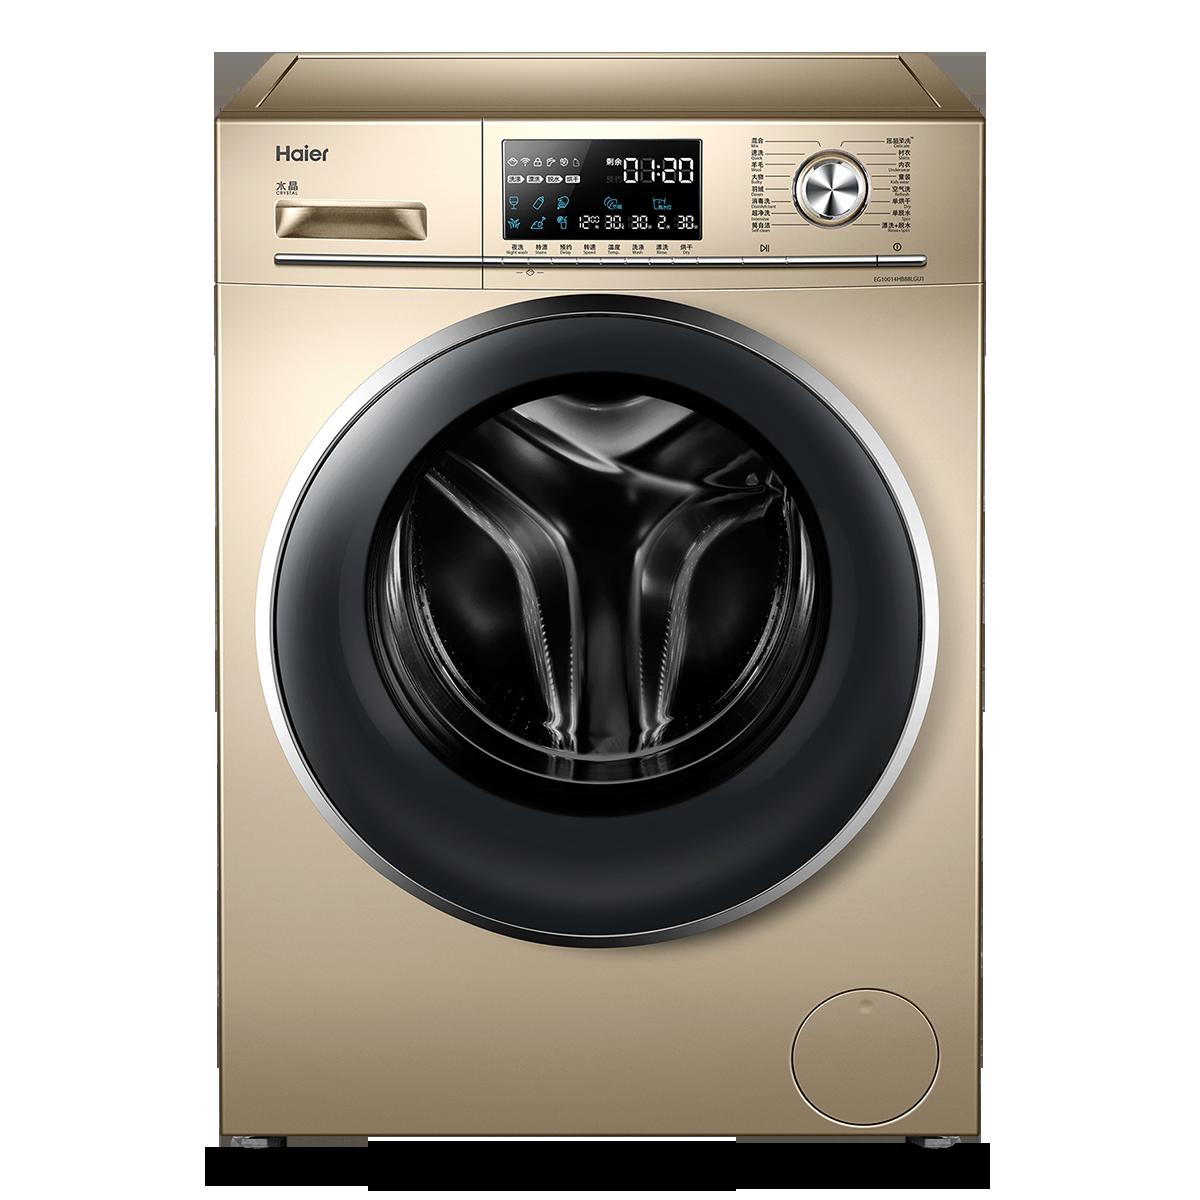 海尔Haier洗衣机 EG10014HB88LGU1 说明书